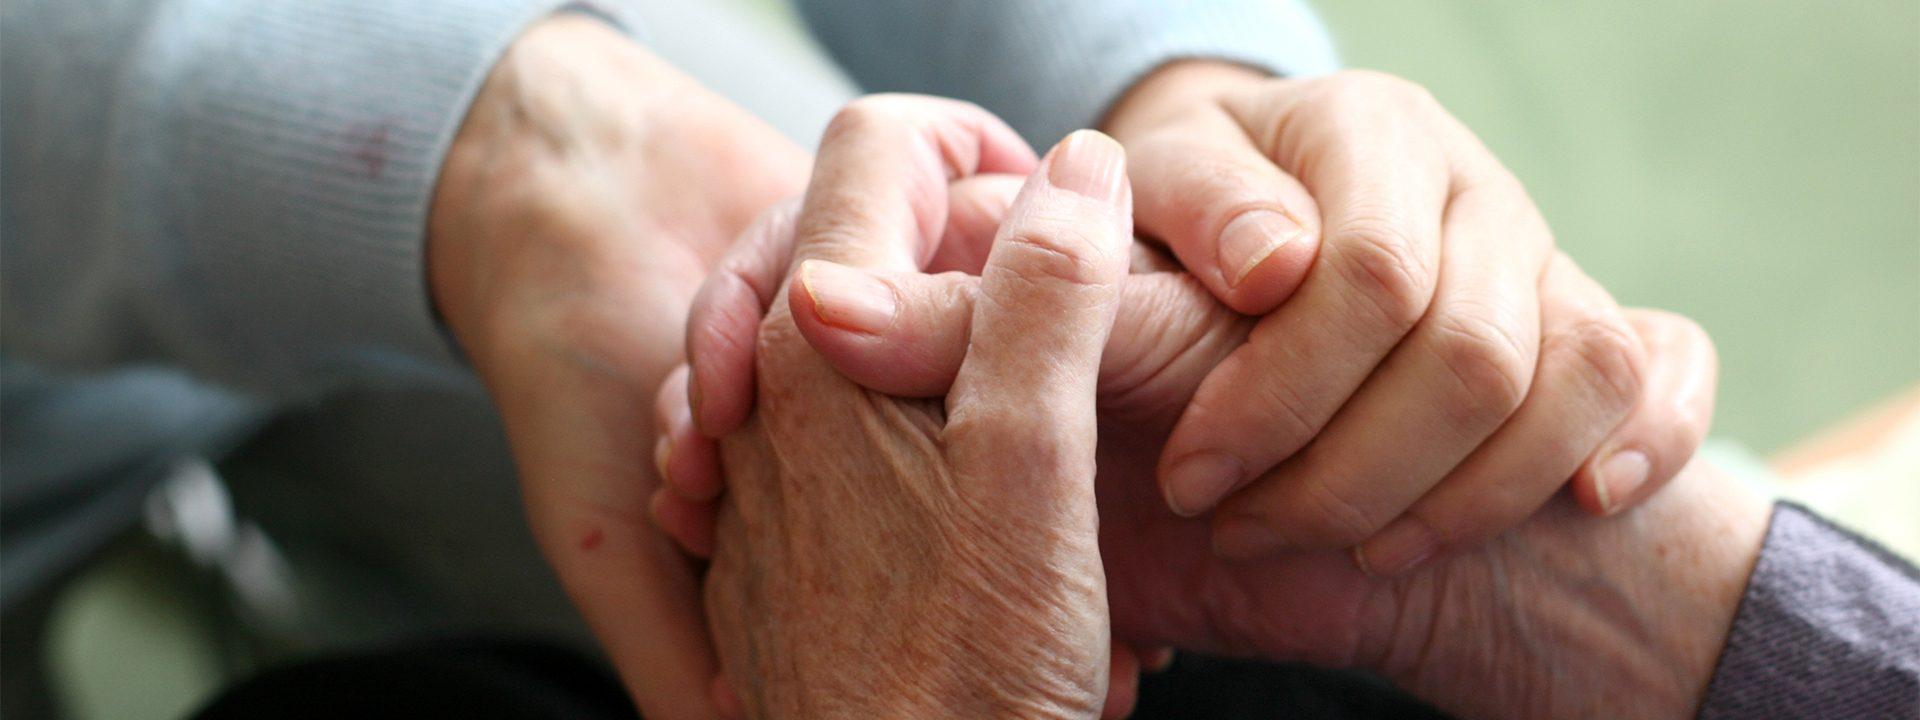 Hände alten einander